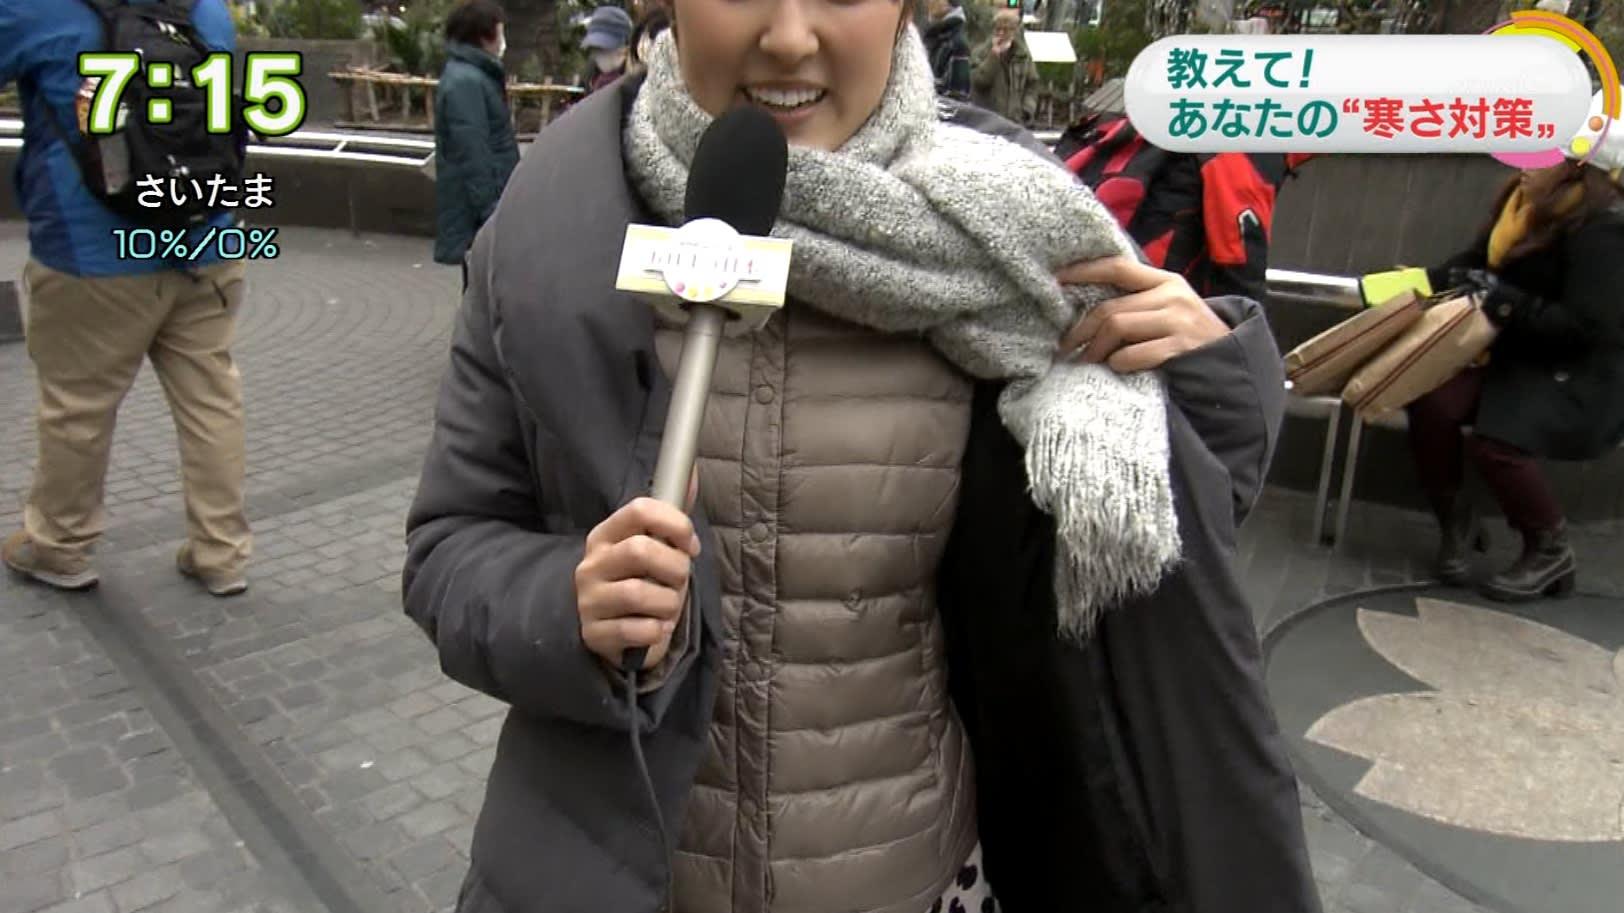 【ブラタモリ】近江友里恵 Part14【まちかど情報室】©2ch.netYouTube動画>3本 ->画像>321枚